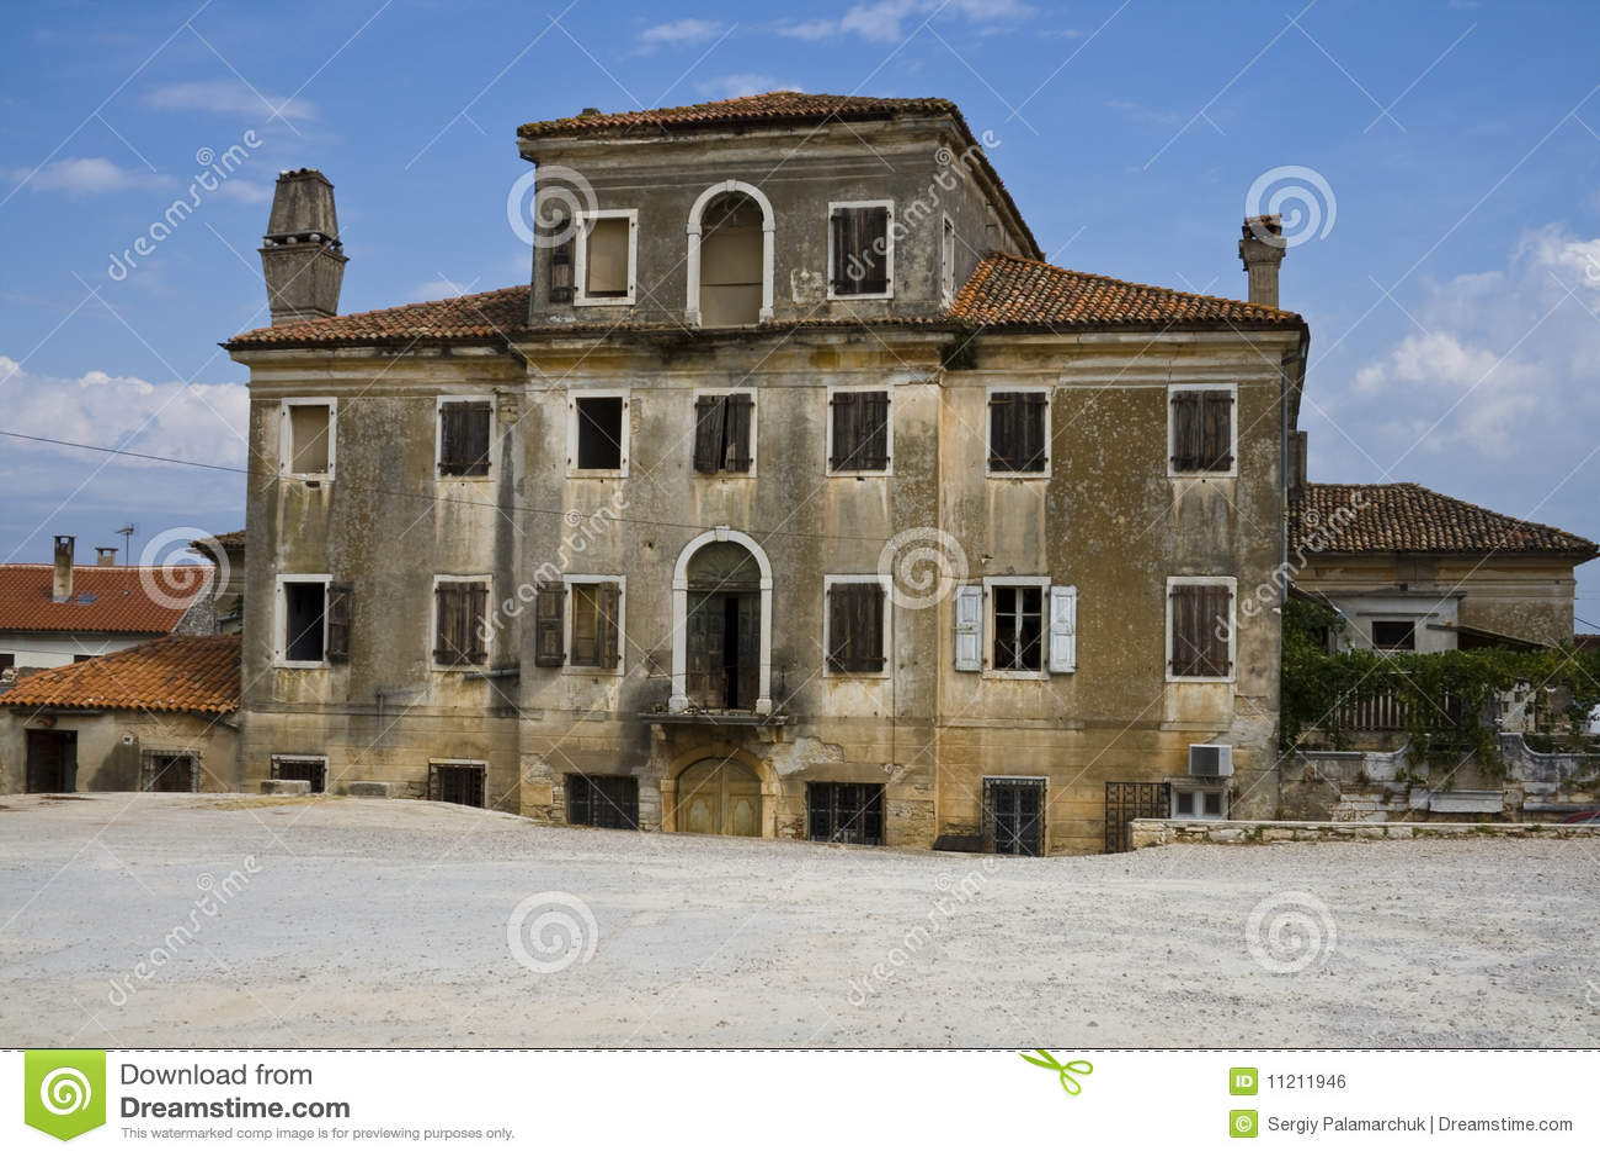 Vecchia casa mediterranea fotografia stock immagine di for Numeri di casa mediterranea